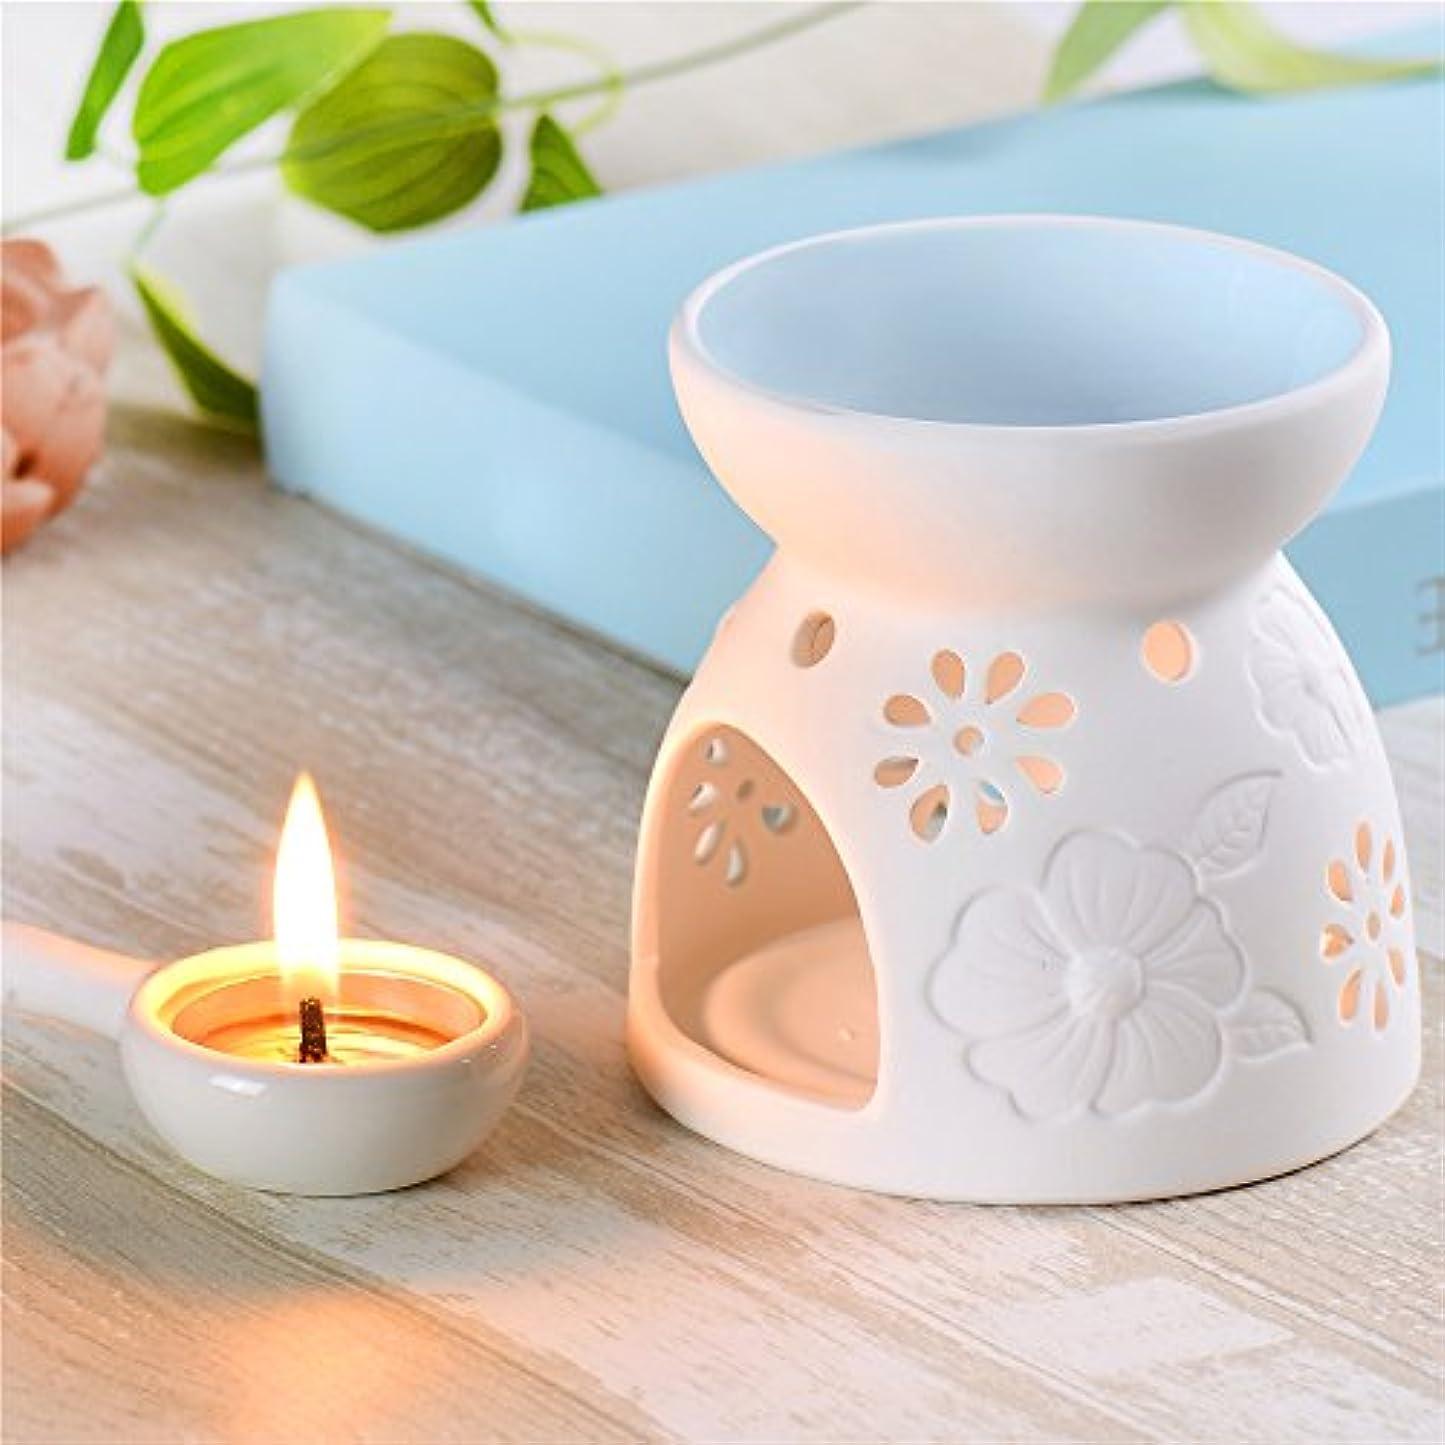 水っぽいジャングルカタログセラミックEssential Oil Warmer : Great for瞑想、アロマセラピー – Fragrance Diffuser使用with Tea Lights – Ideal For Wedding Gifts...